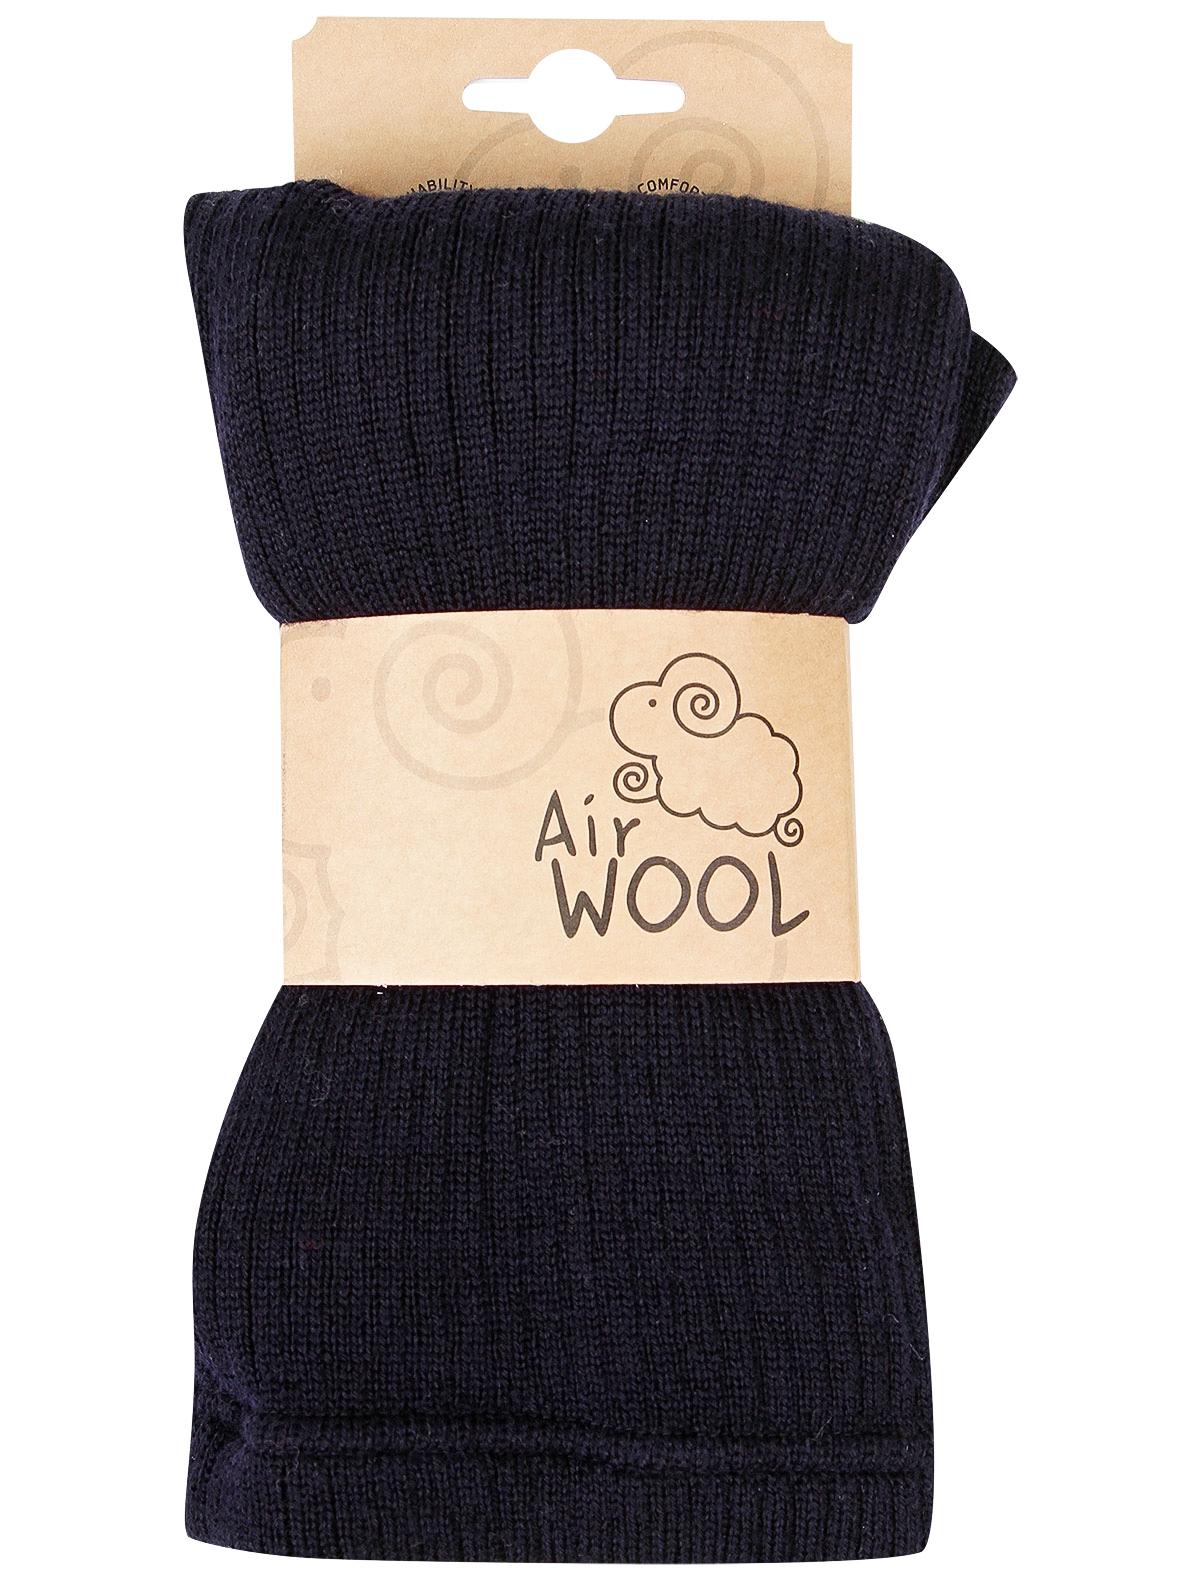 Купить 2135827, Леггинсы Air wool, синий, Женский, 1151409980055